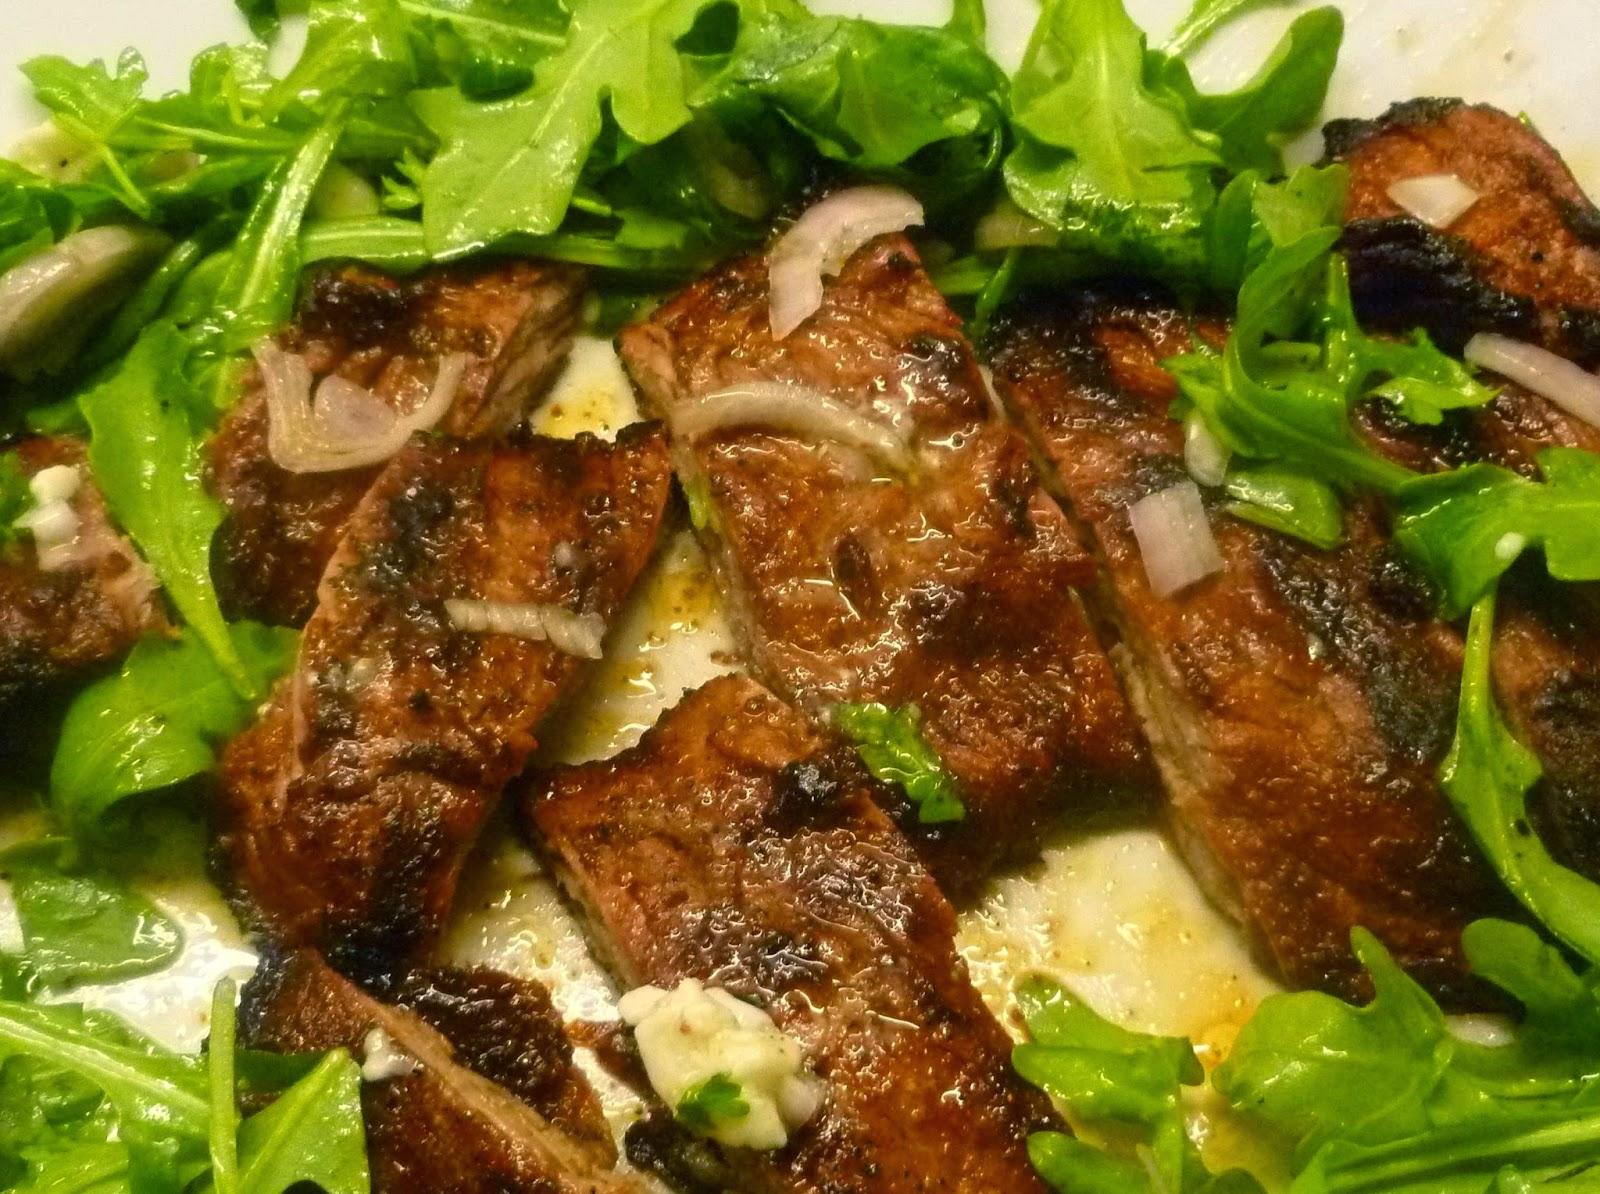 Lindaraxa: Weekend Entertaining...Flank Steak Salad With ...